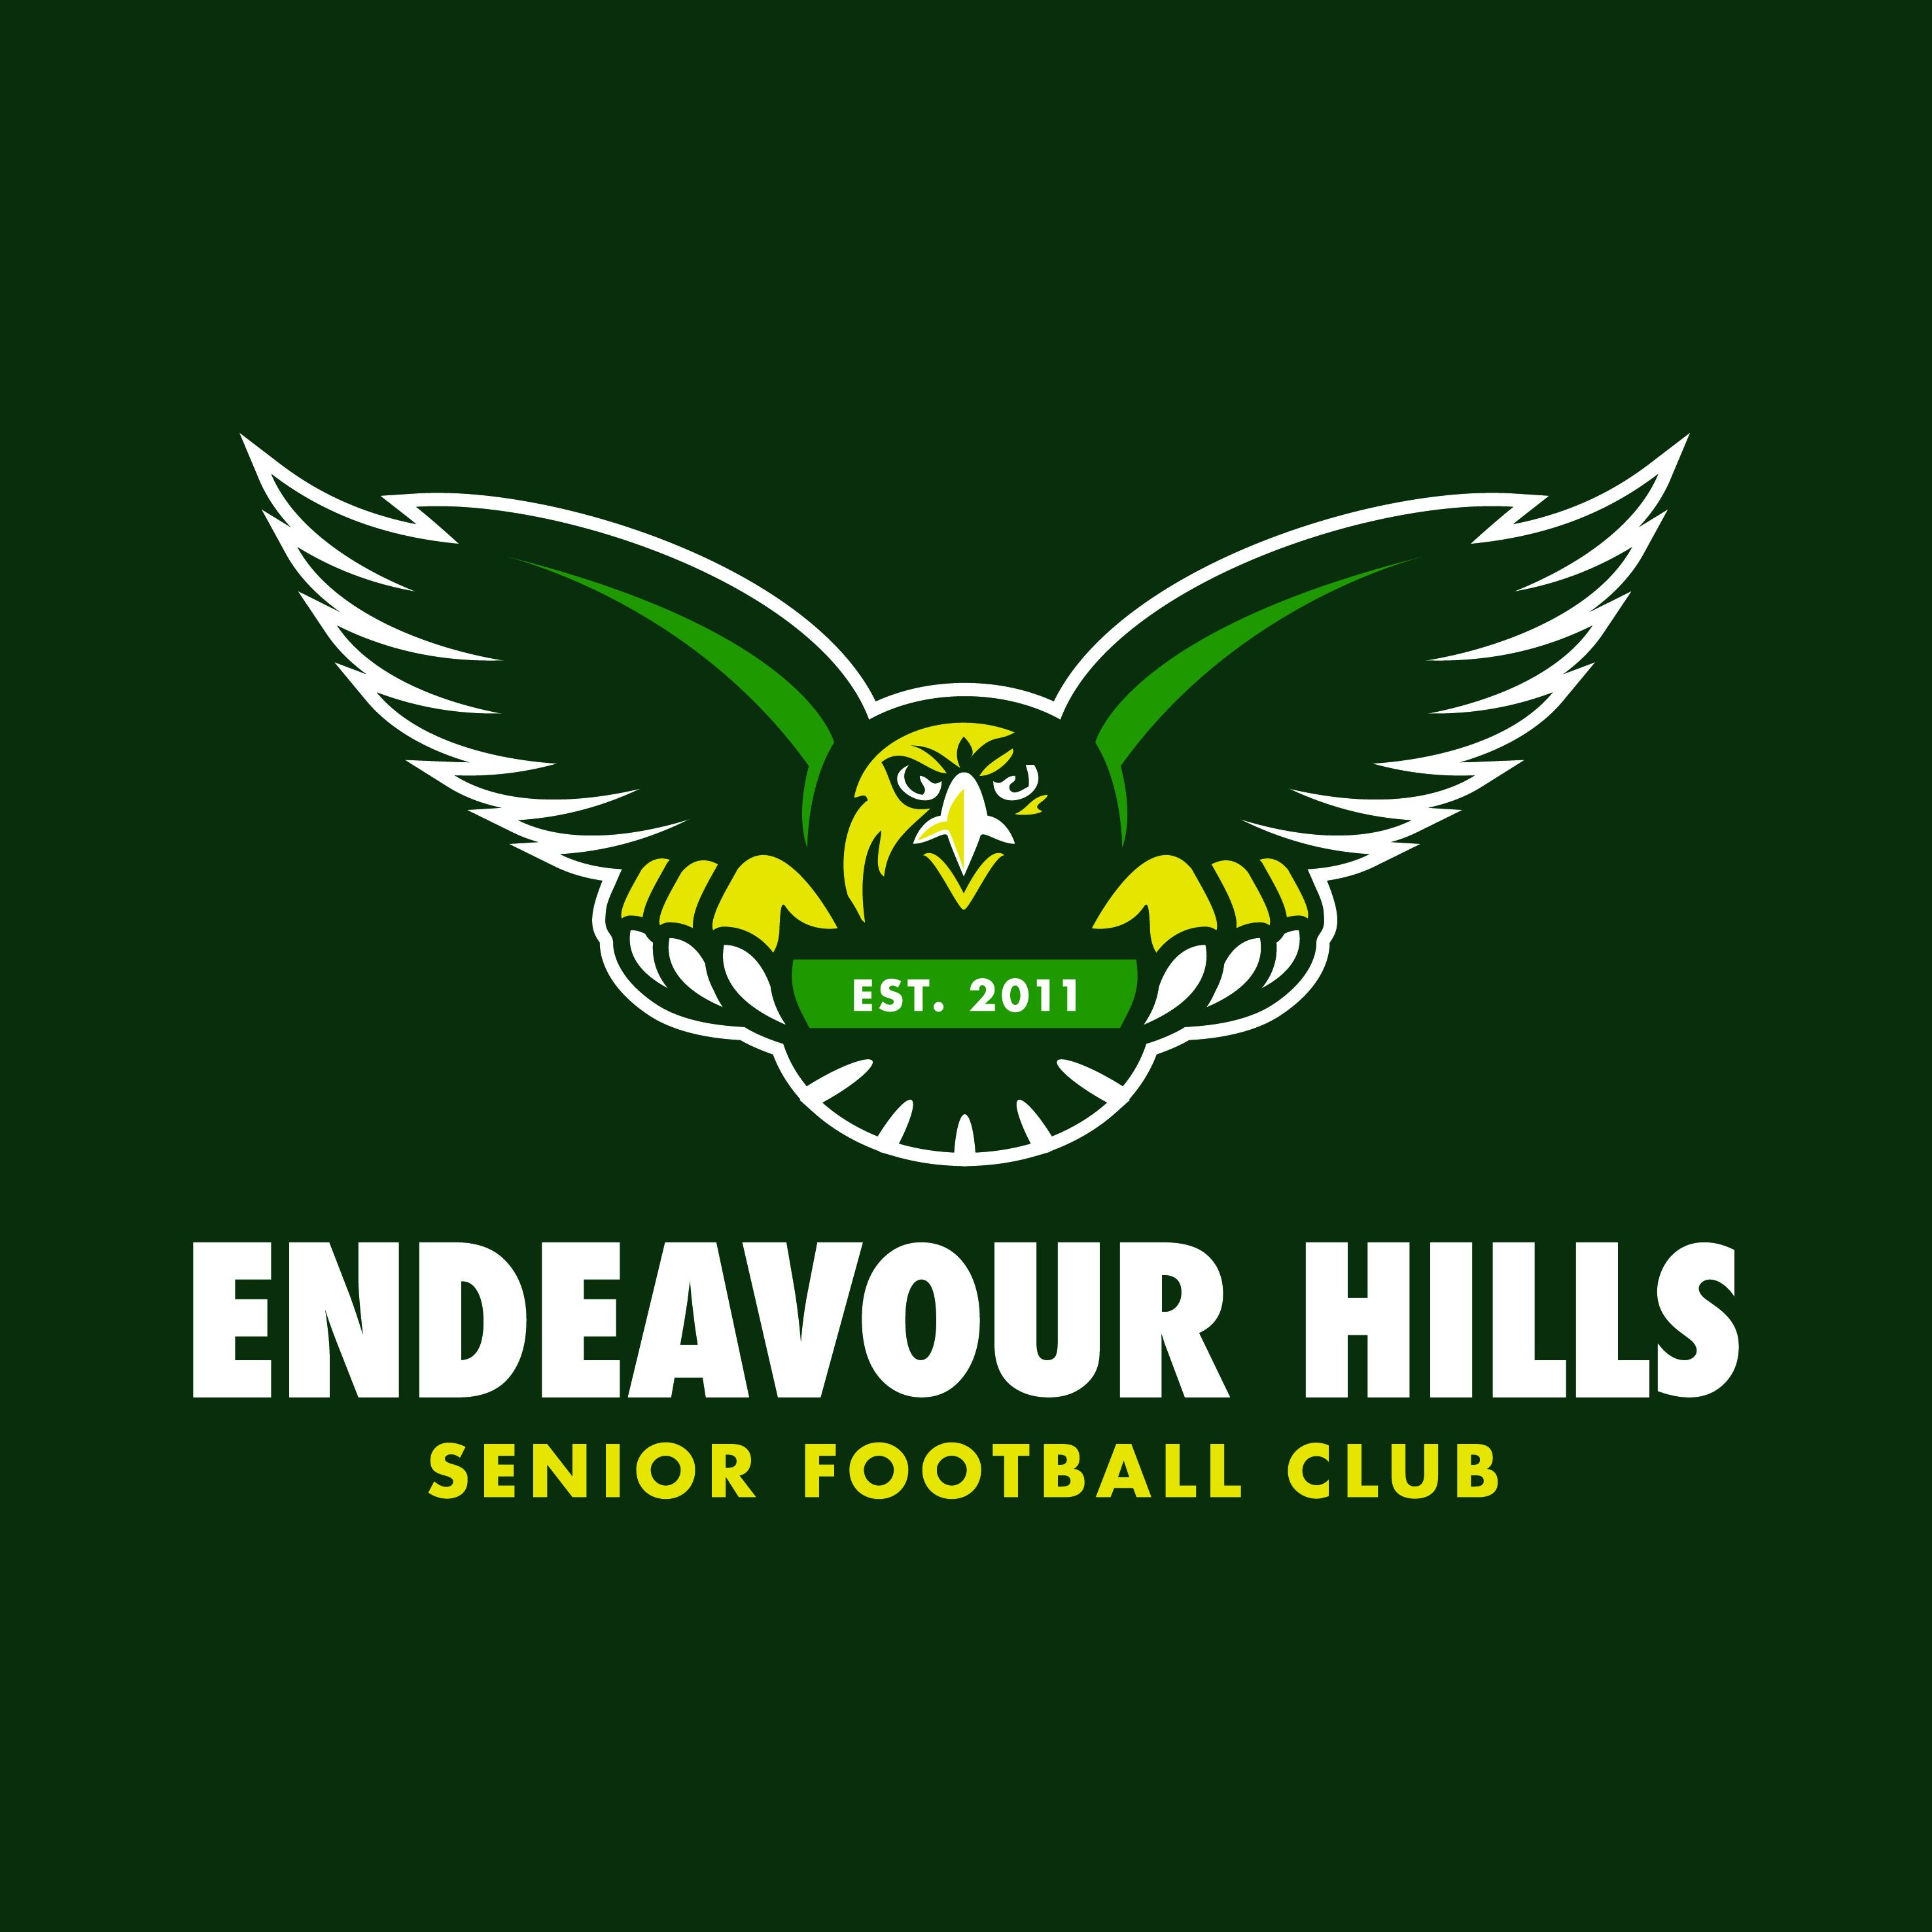 Endeavour Hills